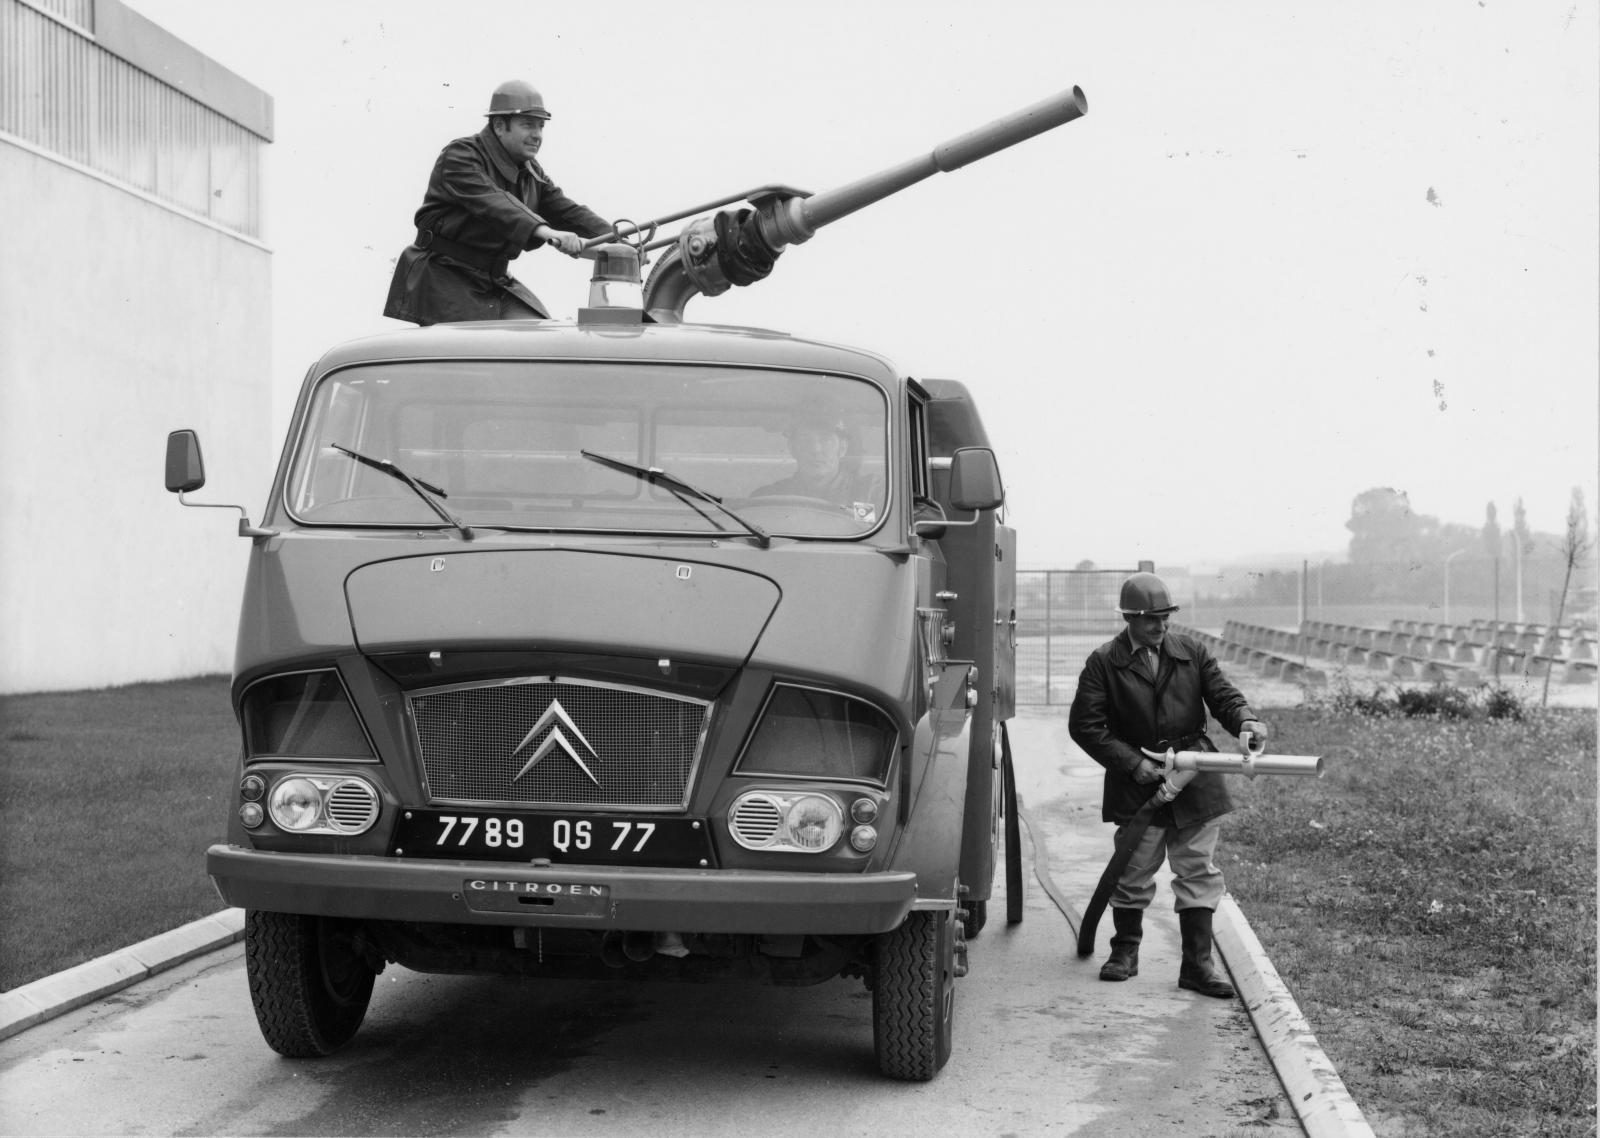 Грузовик типа 350, пожарный. 1967 г.